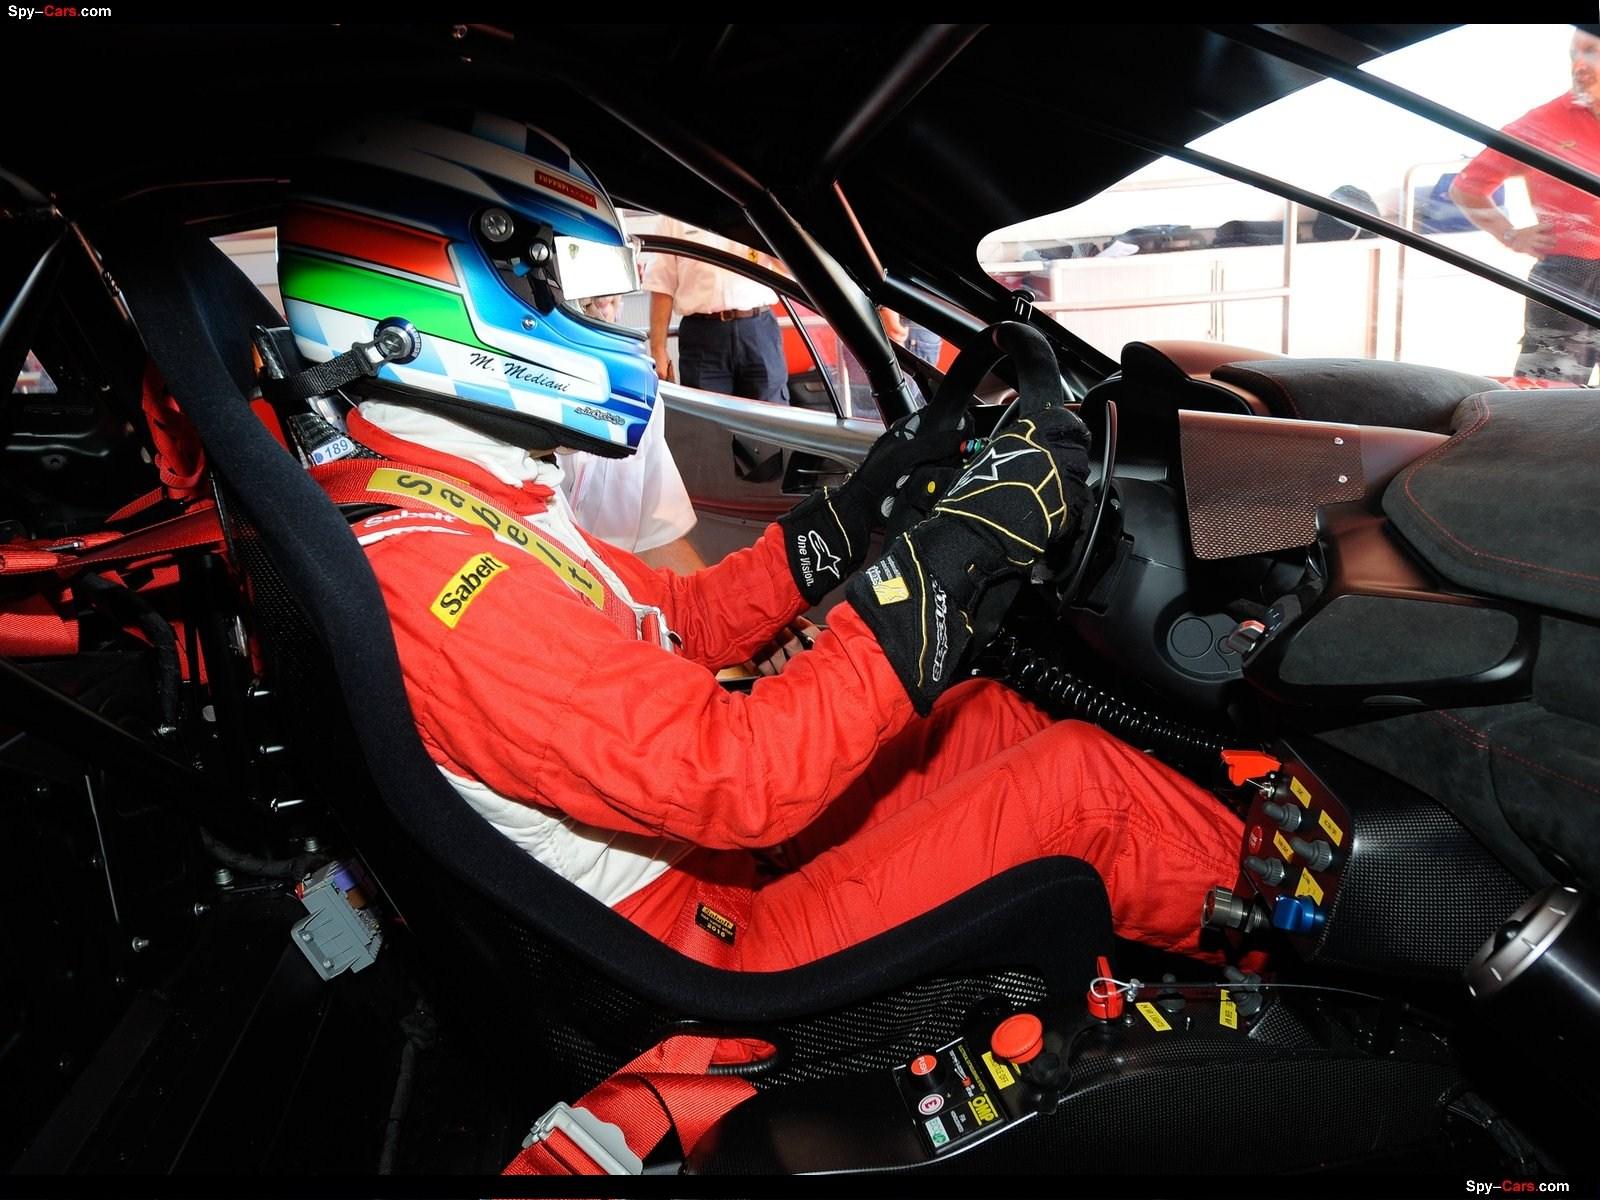 http://2.bp.blogspot.com/-CWiQSozmHwk/Ti7RNrY3zxI/AAAAAAACOsM/B_jaSIr-Ewk/s1600/Ferrari-458_Italia_Grand_Am_2012_1600x1200_005.jpg